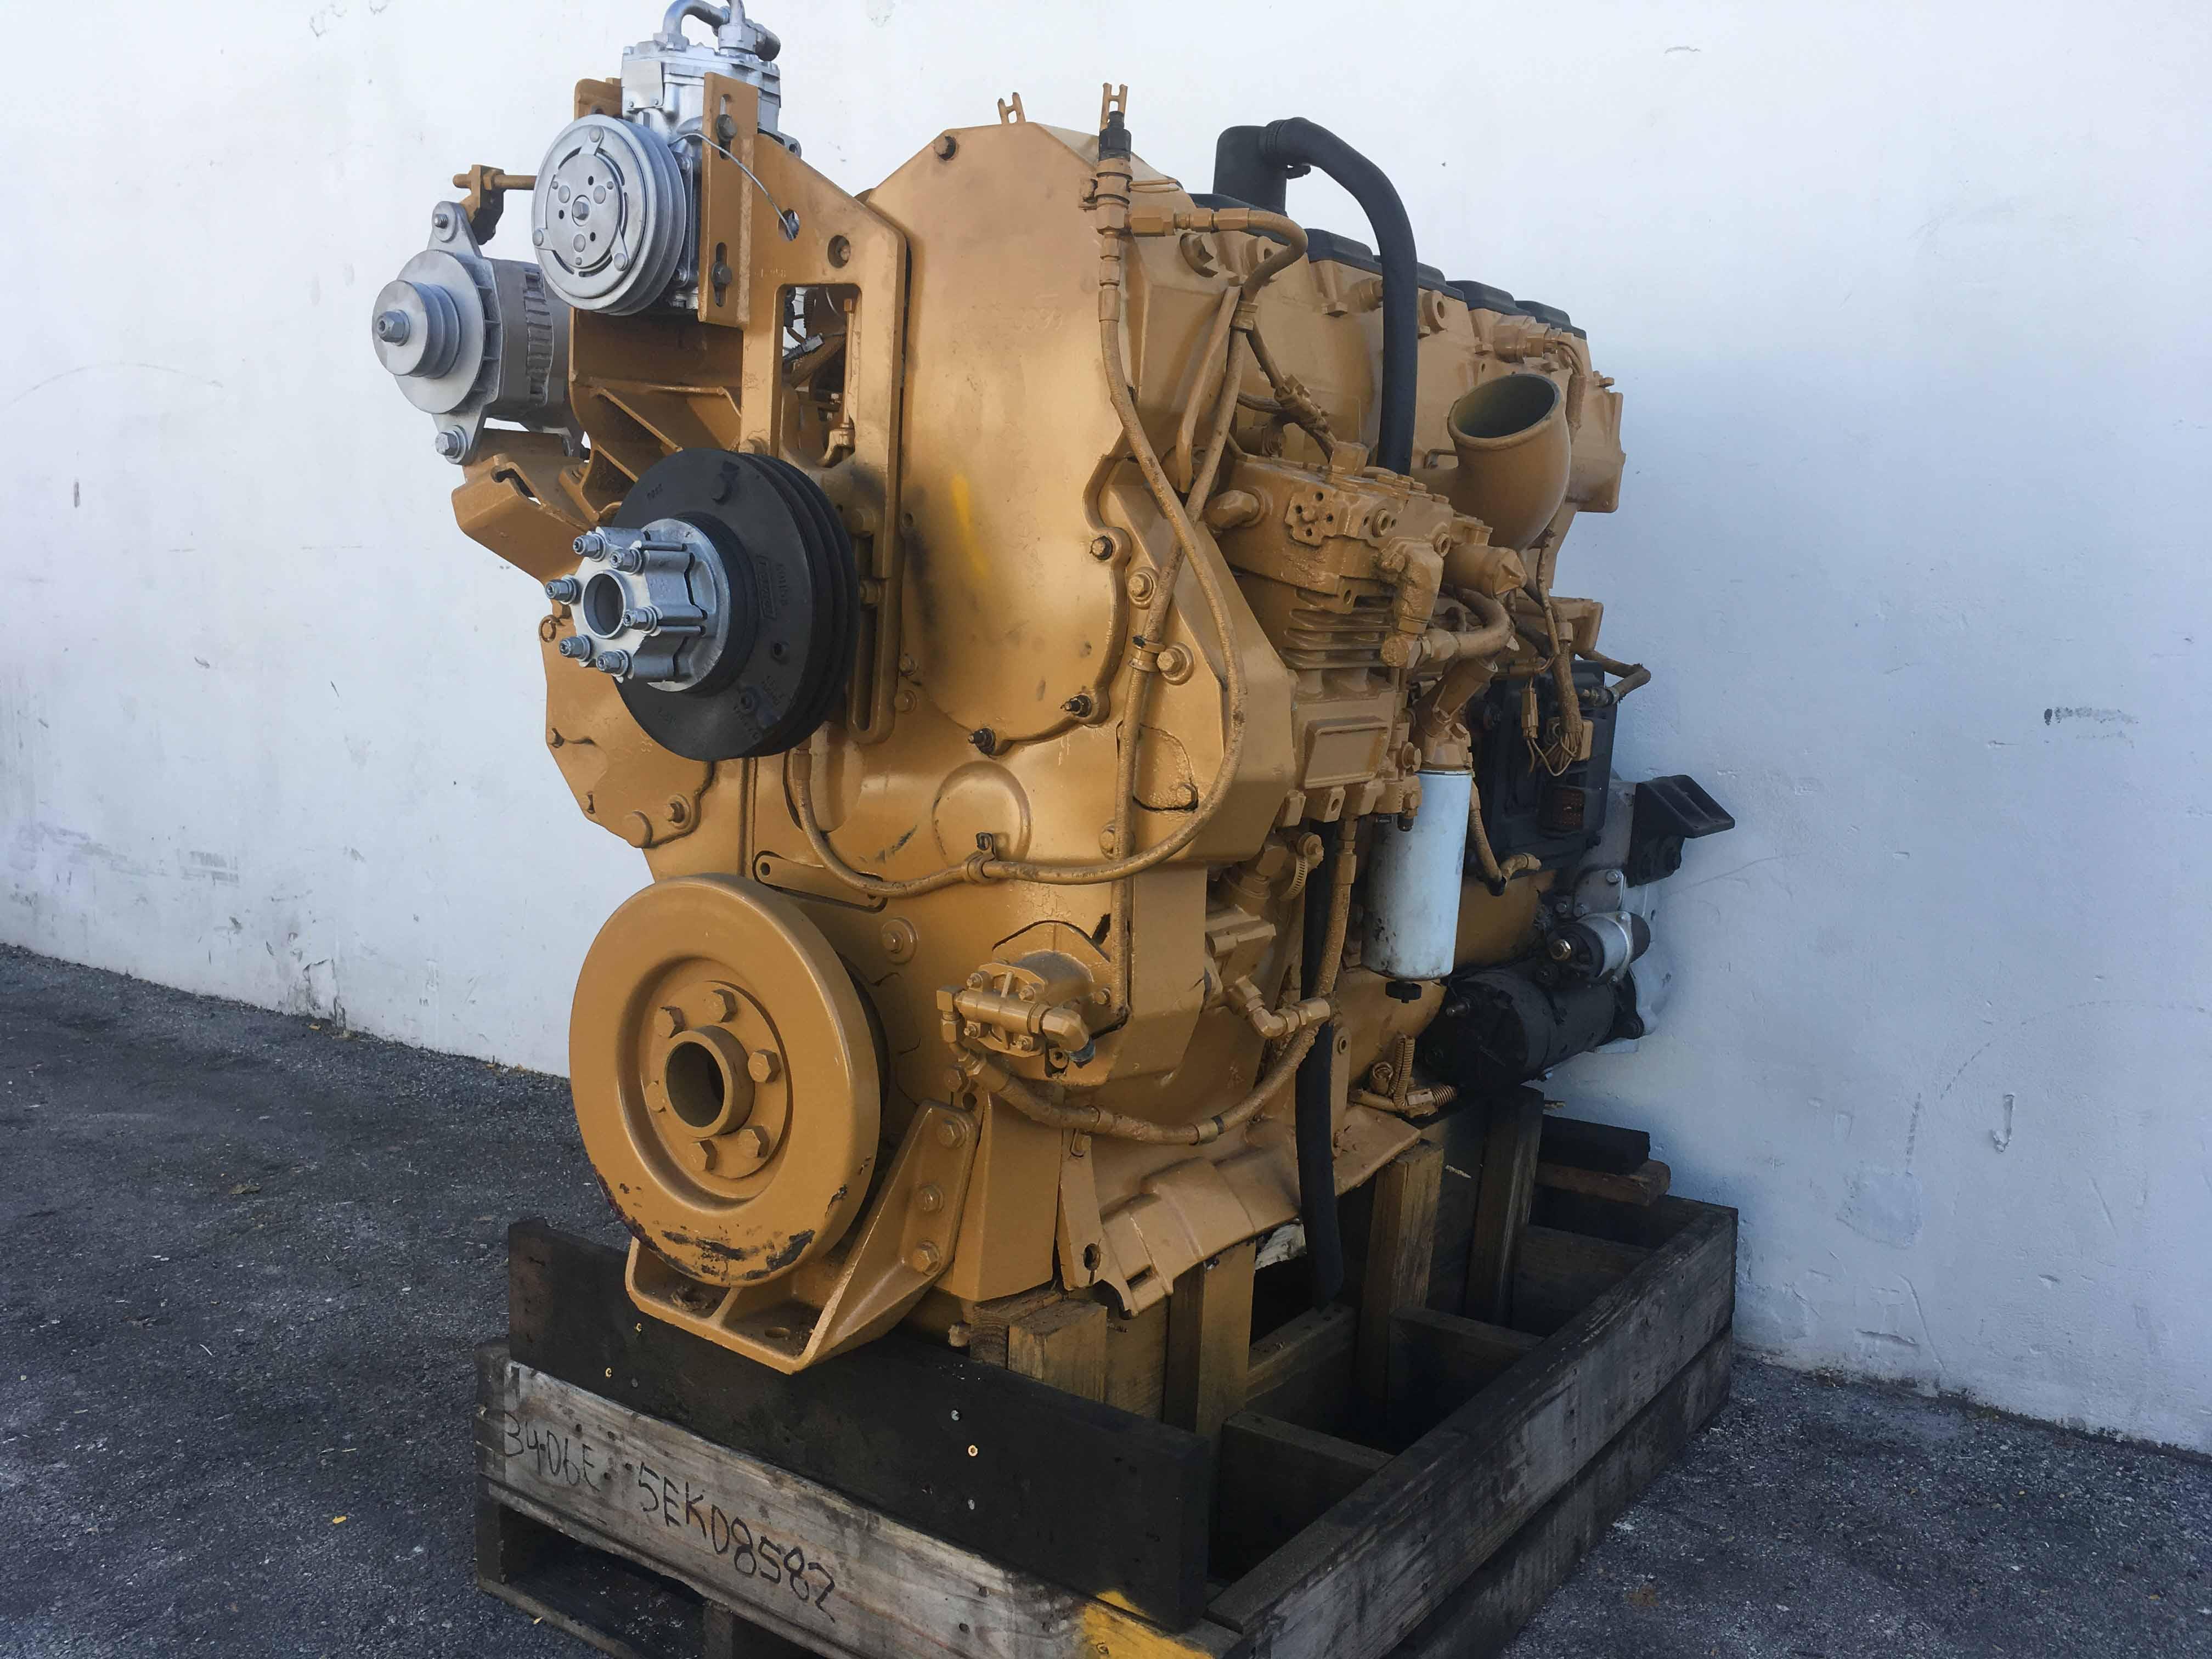 Used Caterpillar 3406E Truck Engine For Sale #5EK08582